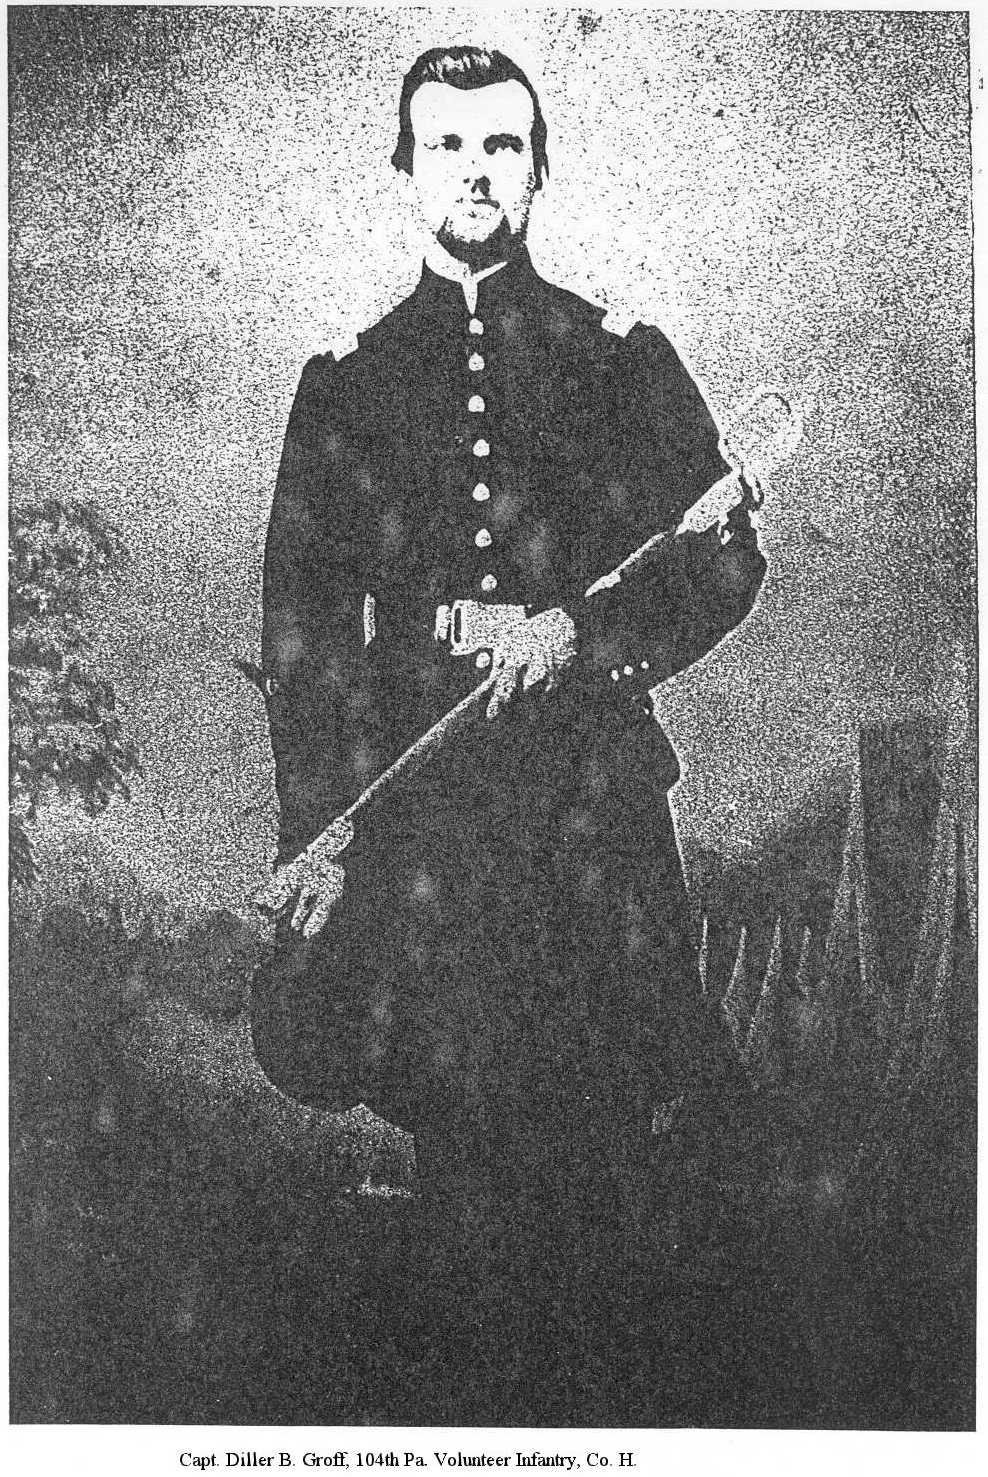 Capt. Diller B. Groff, 104th Pa. Volunteer Infantry, Co. H.